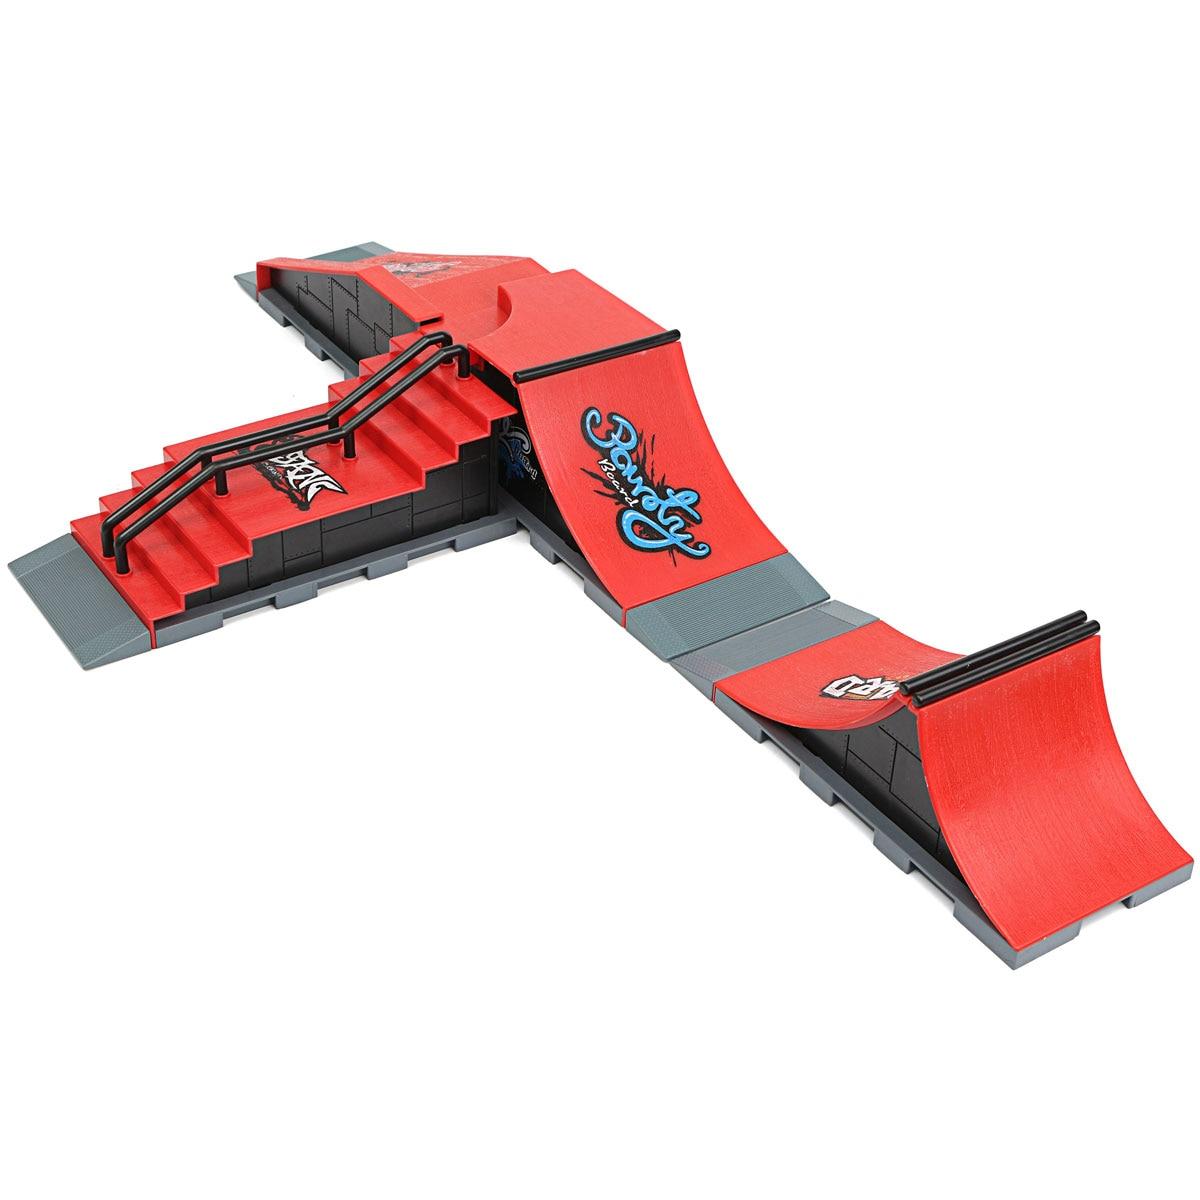 1 Pc Diy A-f Website Skate Park Rampe Teile Für Griffbrett Finger Board Ultimative Parks Jungen Spiele Erwachsene Neuheit Einzelteile Kinder Spielzeug Dauerhaft Im Einsatz